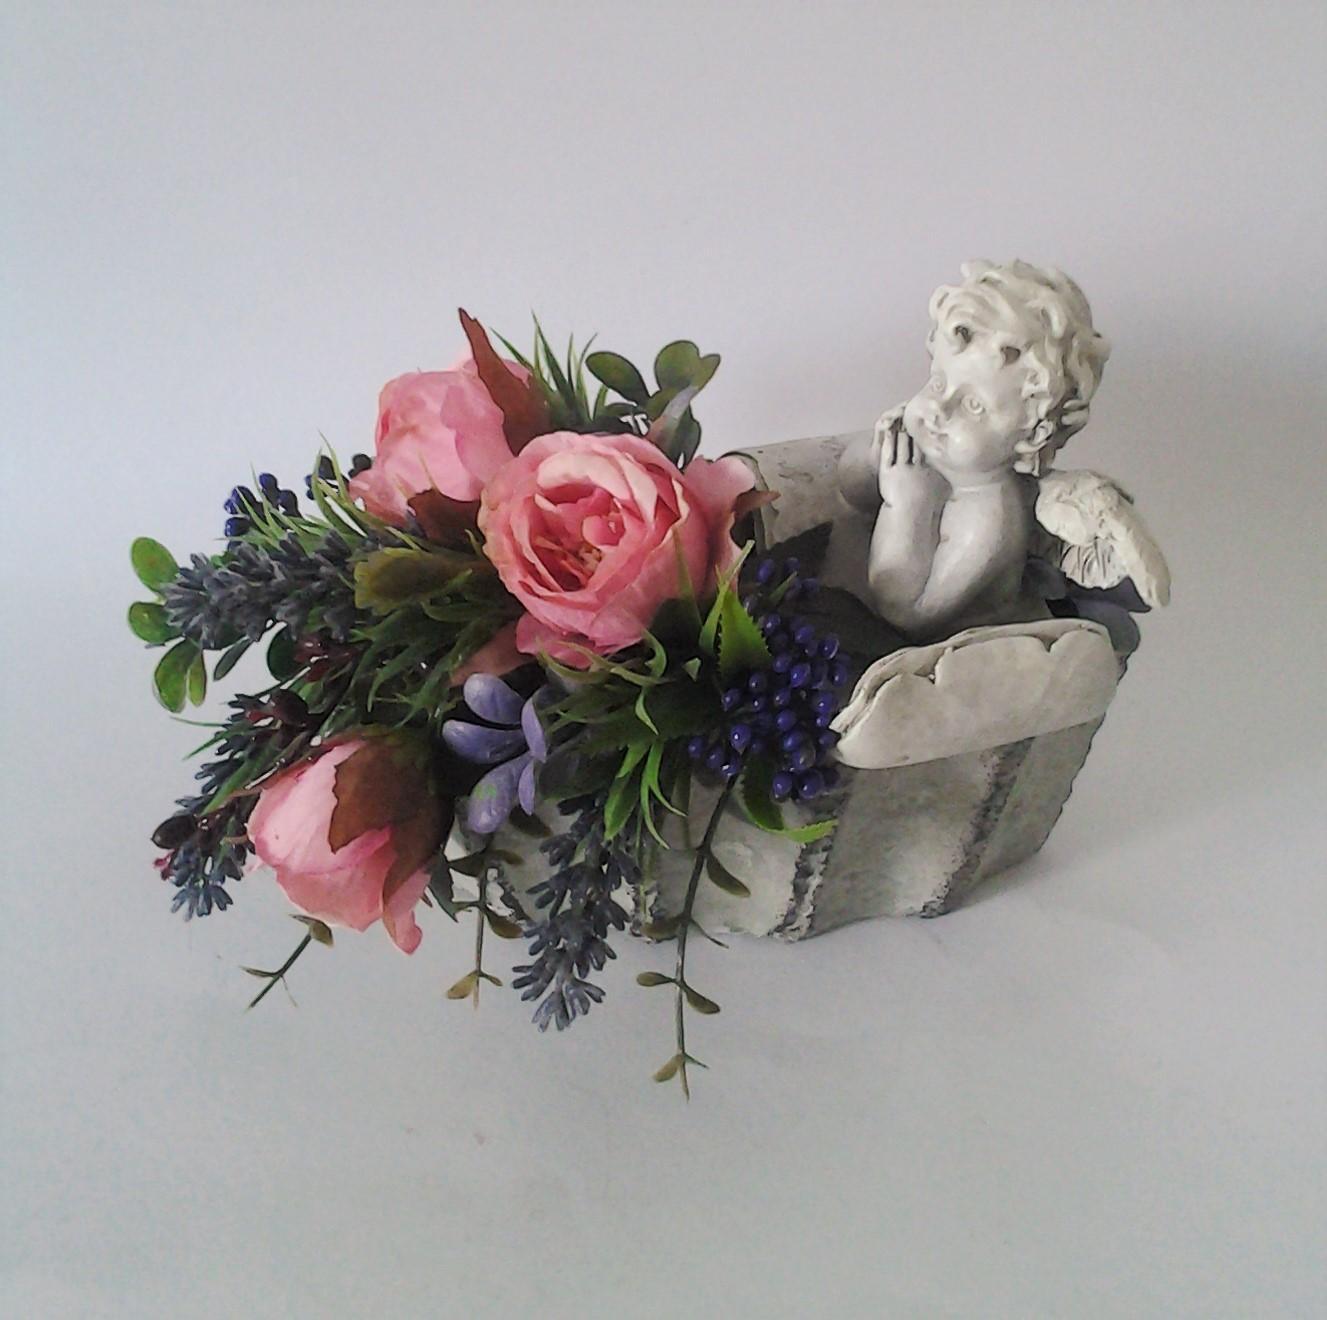 anjelska dekorácia 20 x 10 x 17 cm